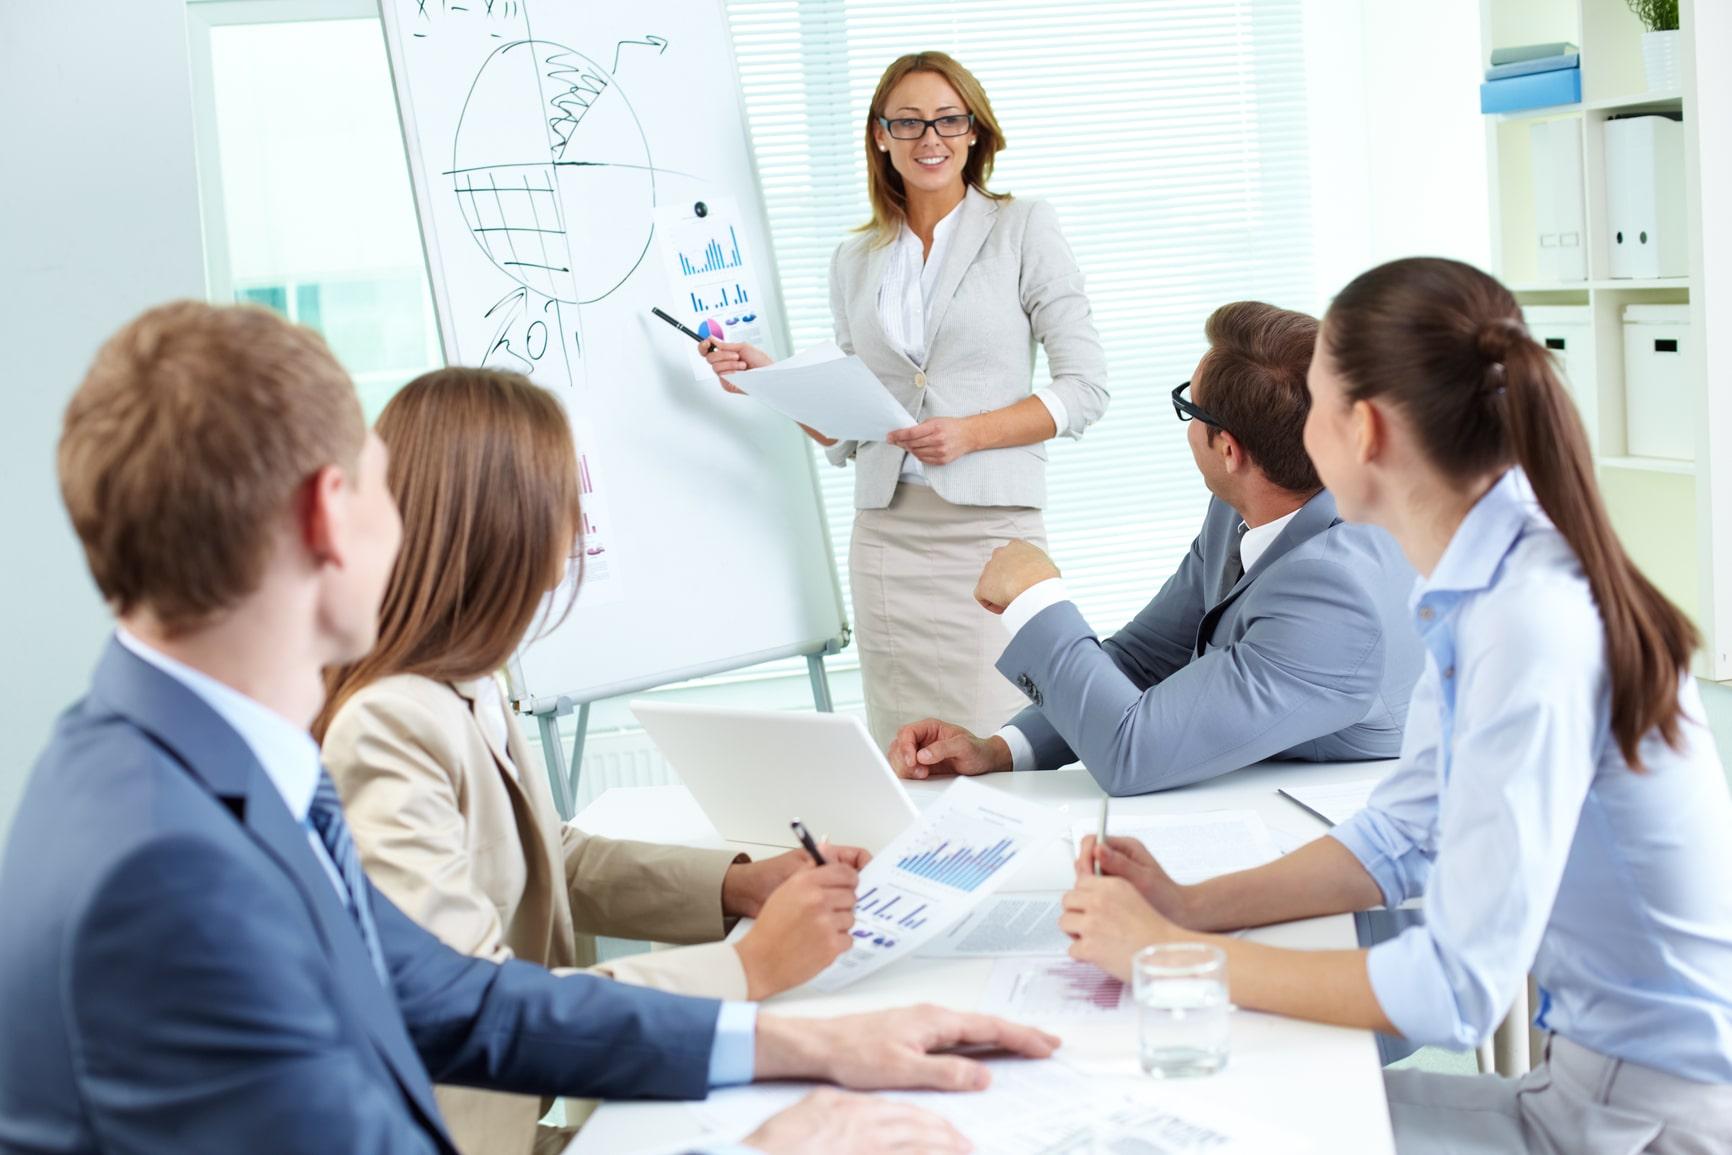 5 thách thức trong vị trí trưởng phòng kinh doanh hiện đại